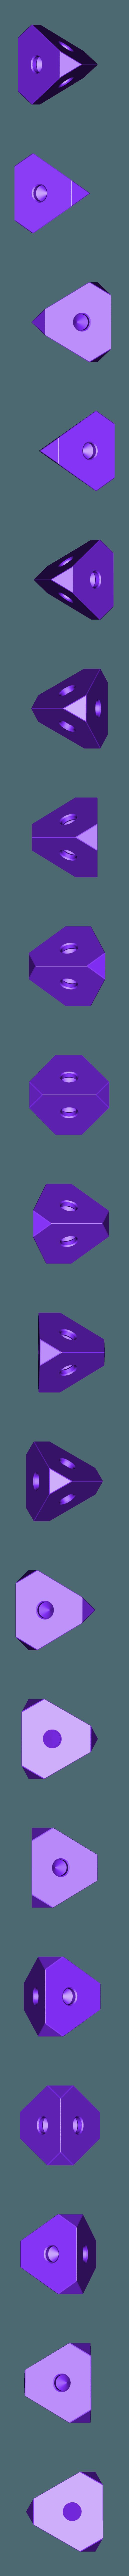 CuboctaCenter.stl Download free STL file Cuboctahedron Puzzle, Cube Puzzle • 3D printable design, LGBU